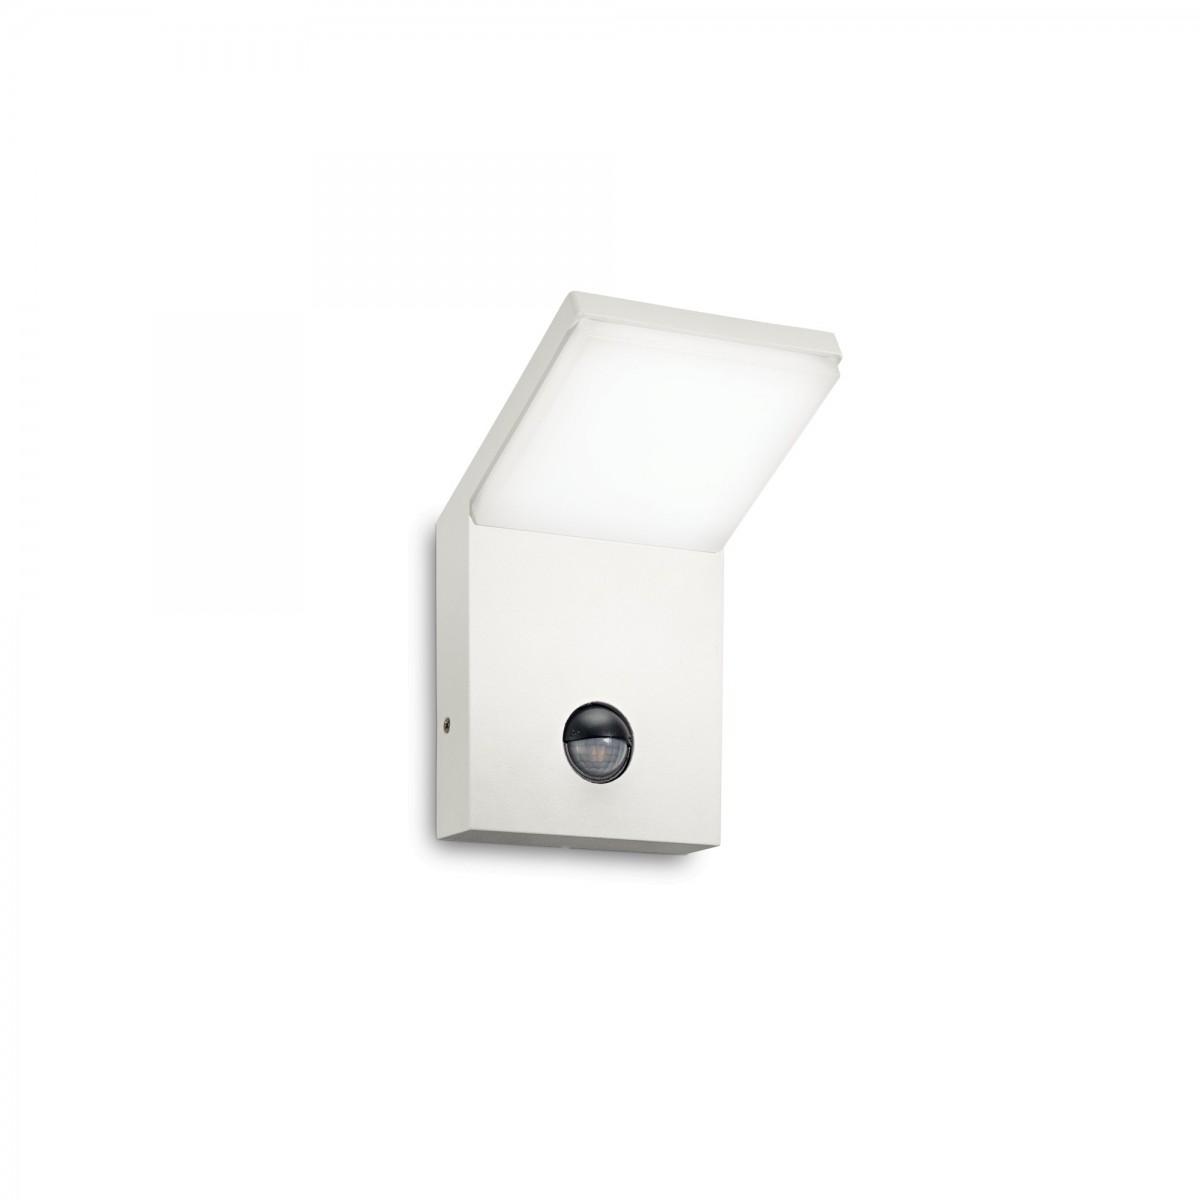 Ideal Lux 209852 LED venkovní nástěnné svítidlo s pohybovým čidlem Style 1x5W|4000K|IP54